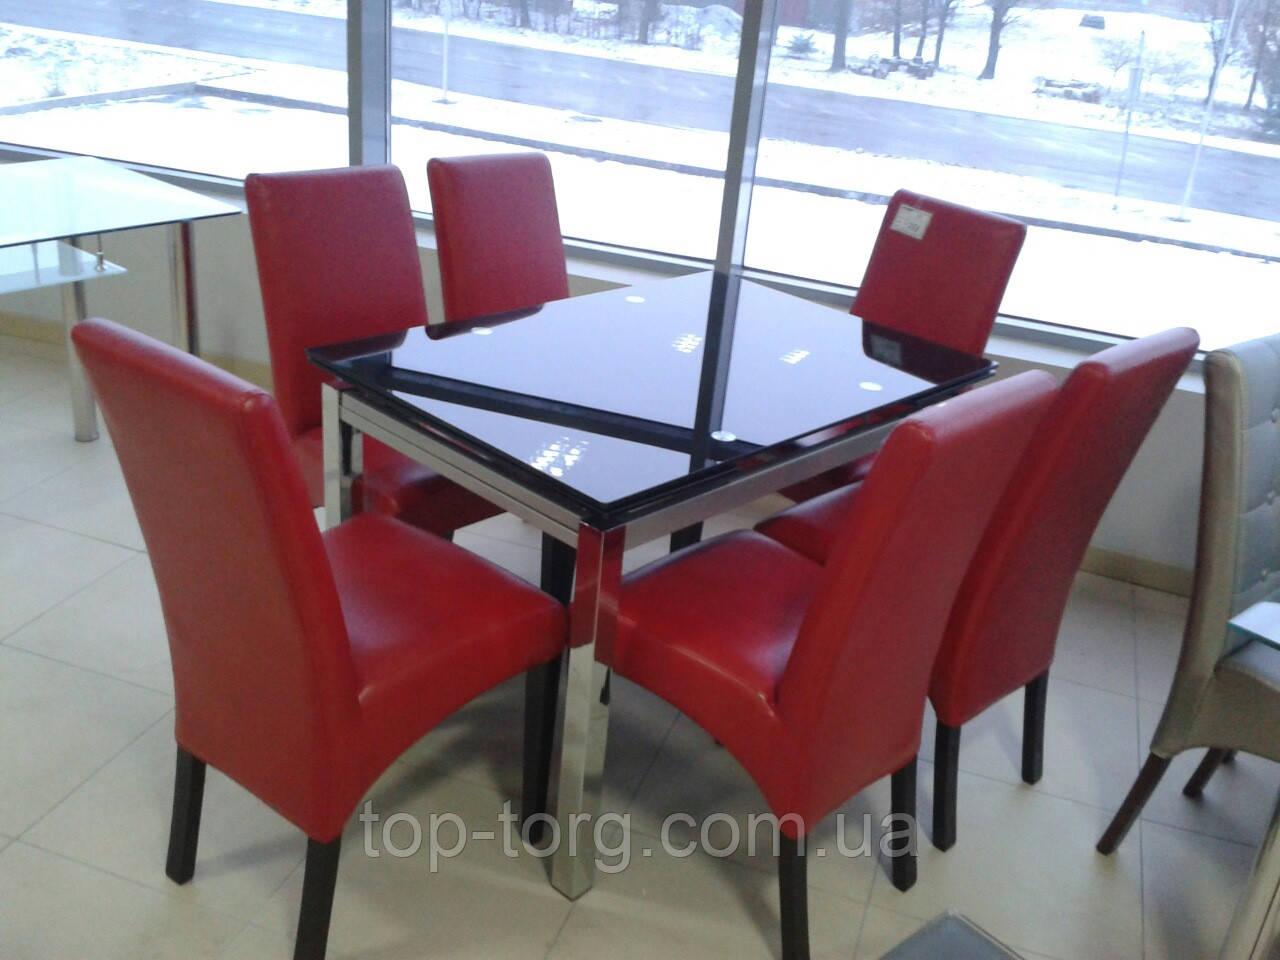 Стол стеклянный ТВ017 черный 1100(+2вставки по 30)х750мм раскладной